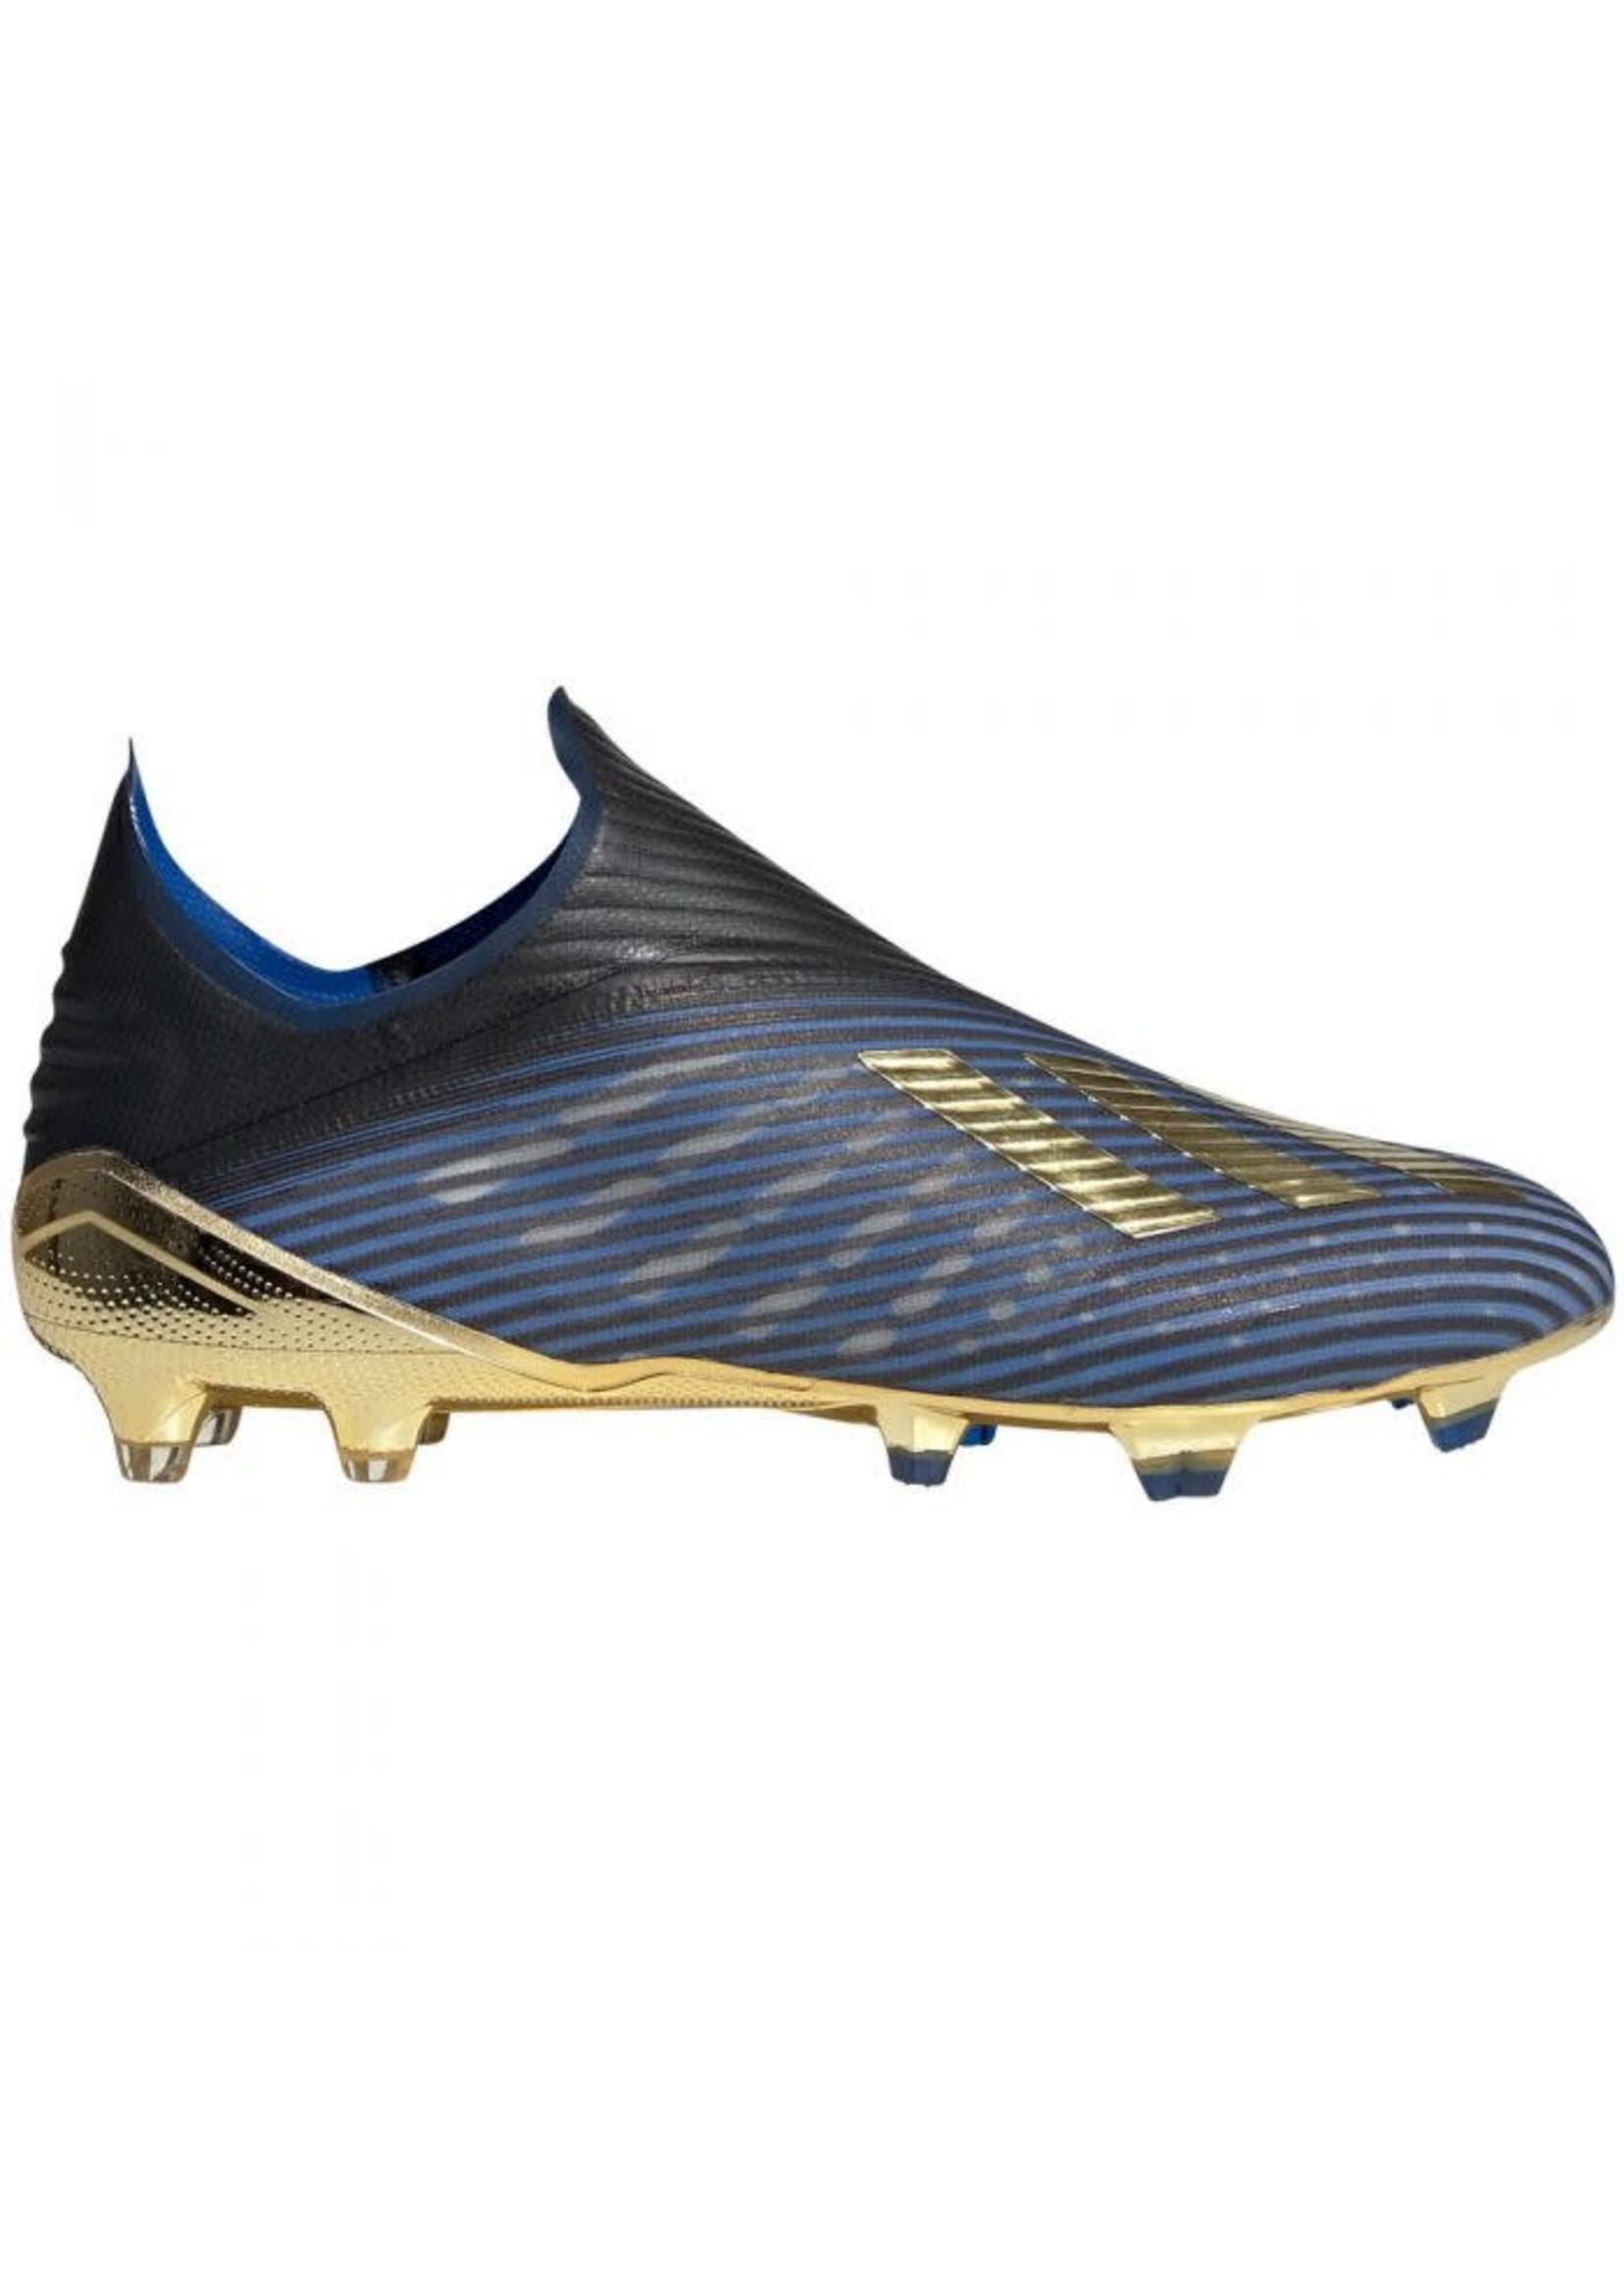 Adidas X 19+